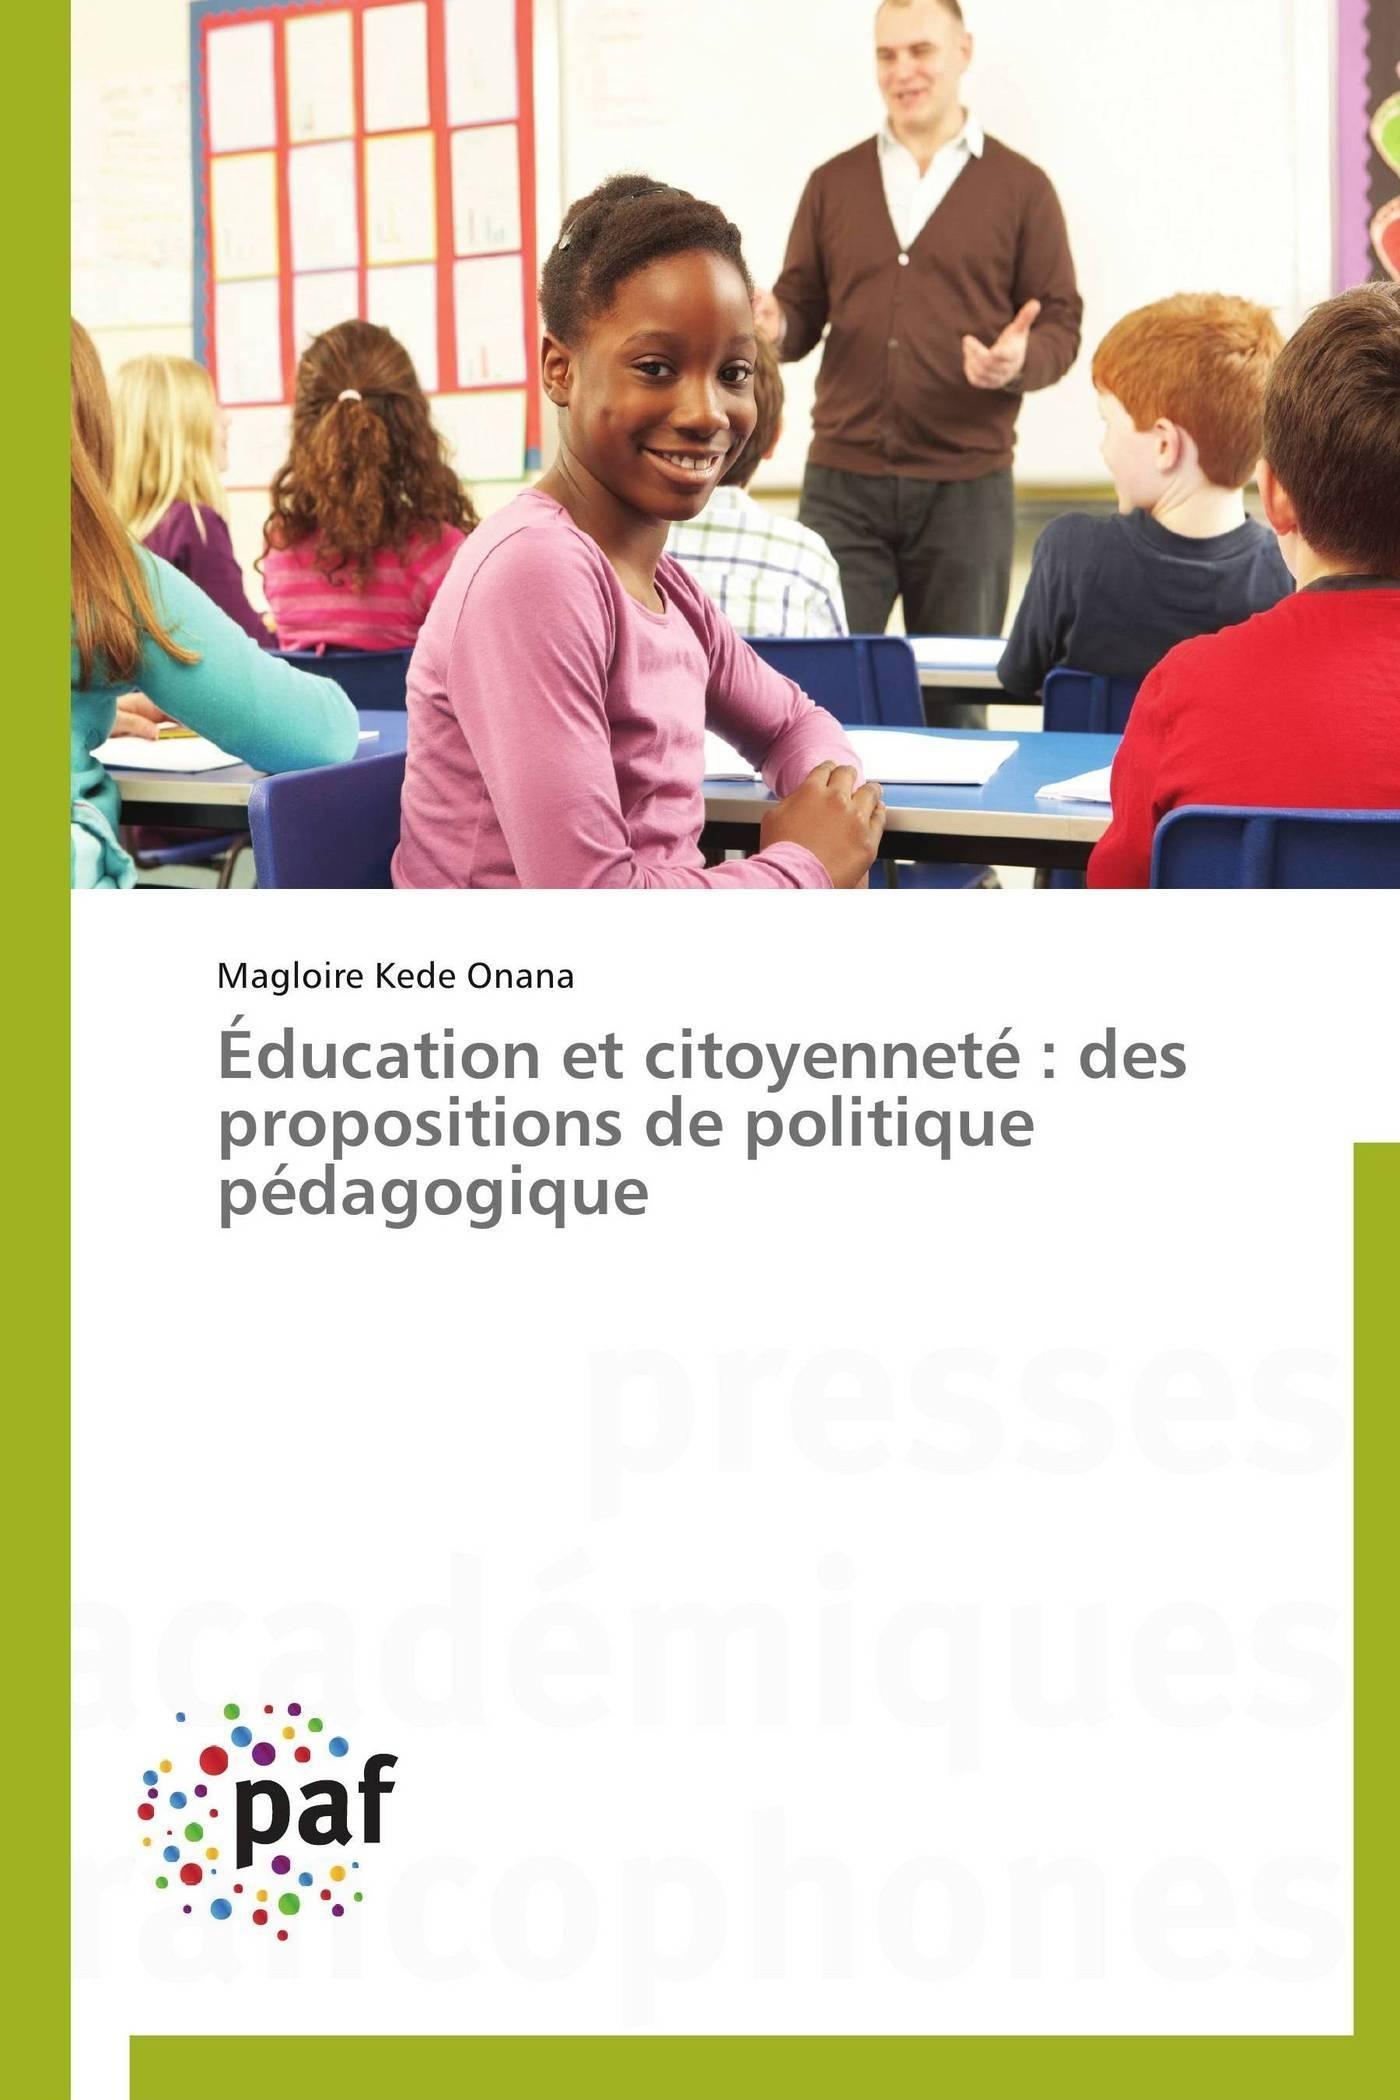 EDUCATION ET CITOYENNETE : DES PROPOSITIONS DE POLITIQUE PEDAGOGIQUE